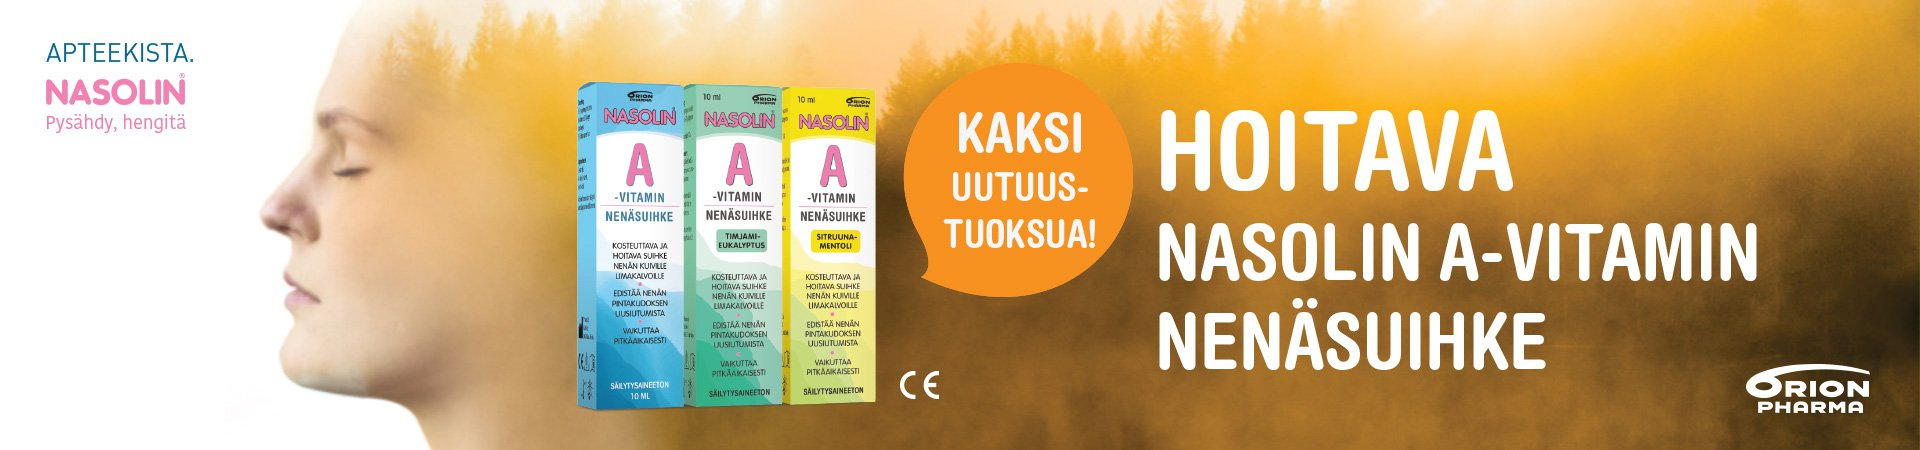 Nasolin A-vitamin A-vitamiini nenäsuihke kuiville limakalvoille